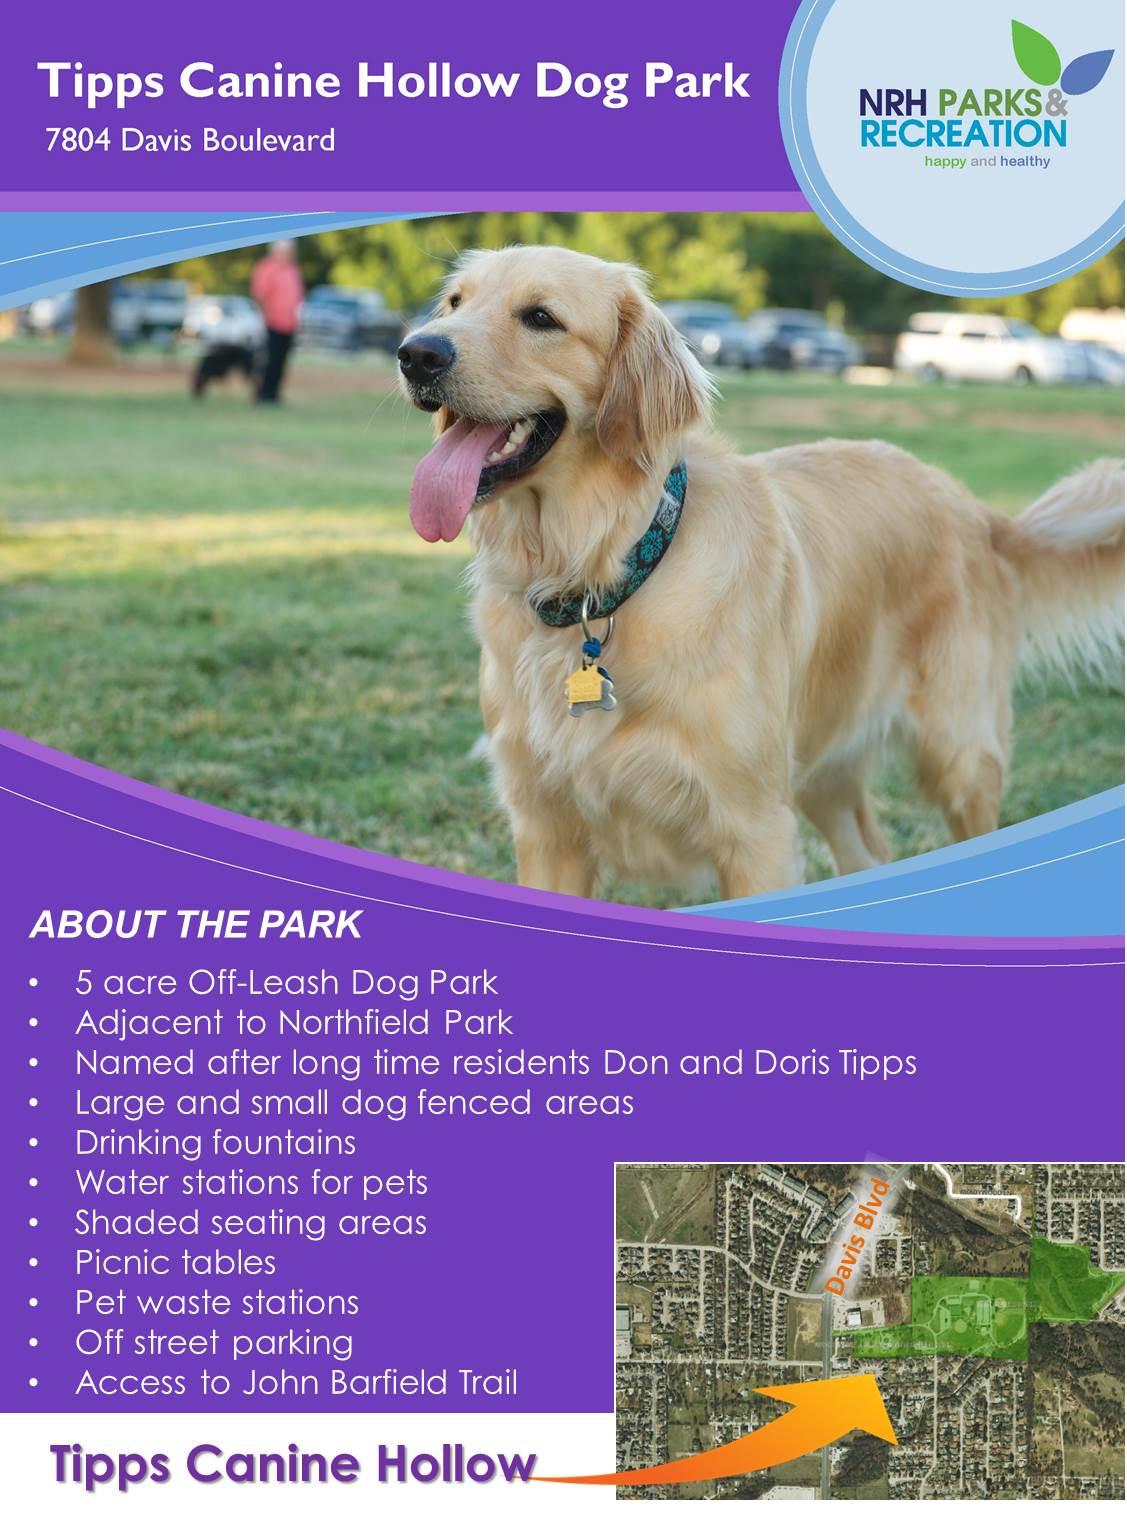 Tipp Canine Hollow Fact Sheet.jpg